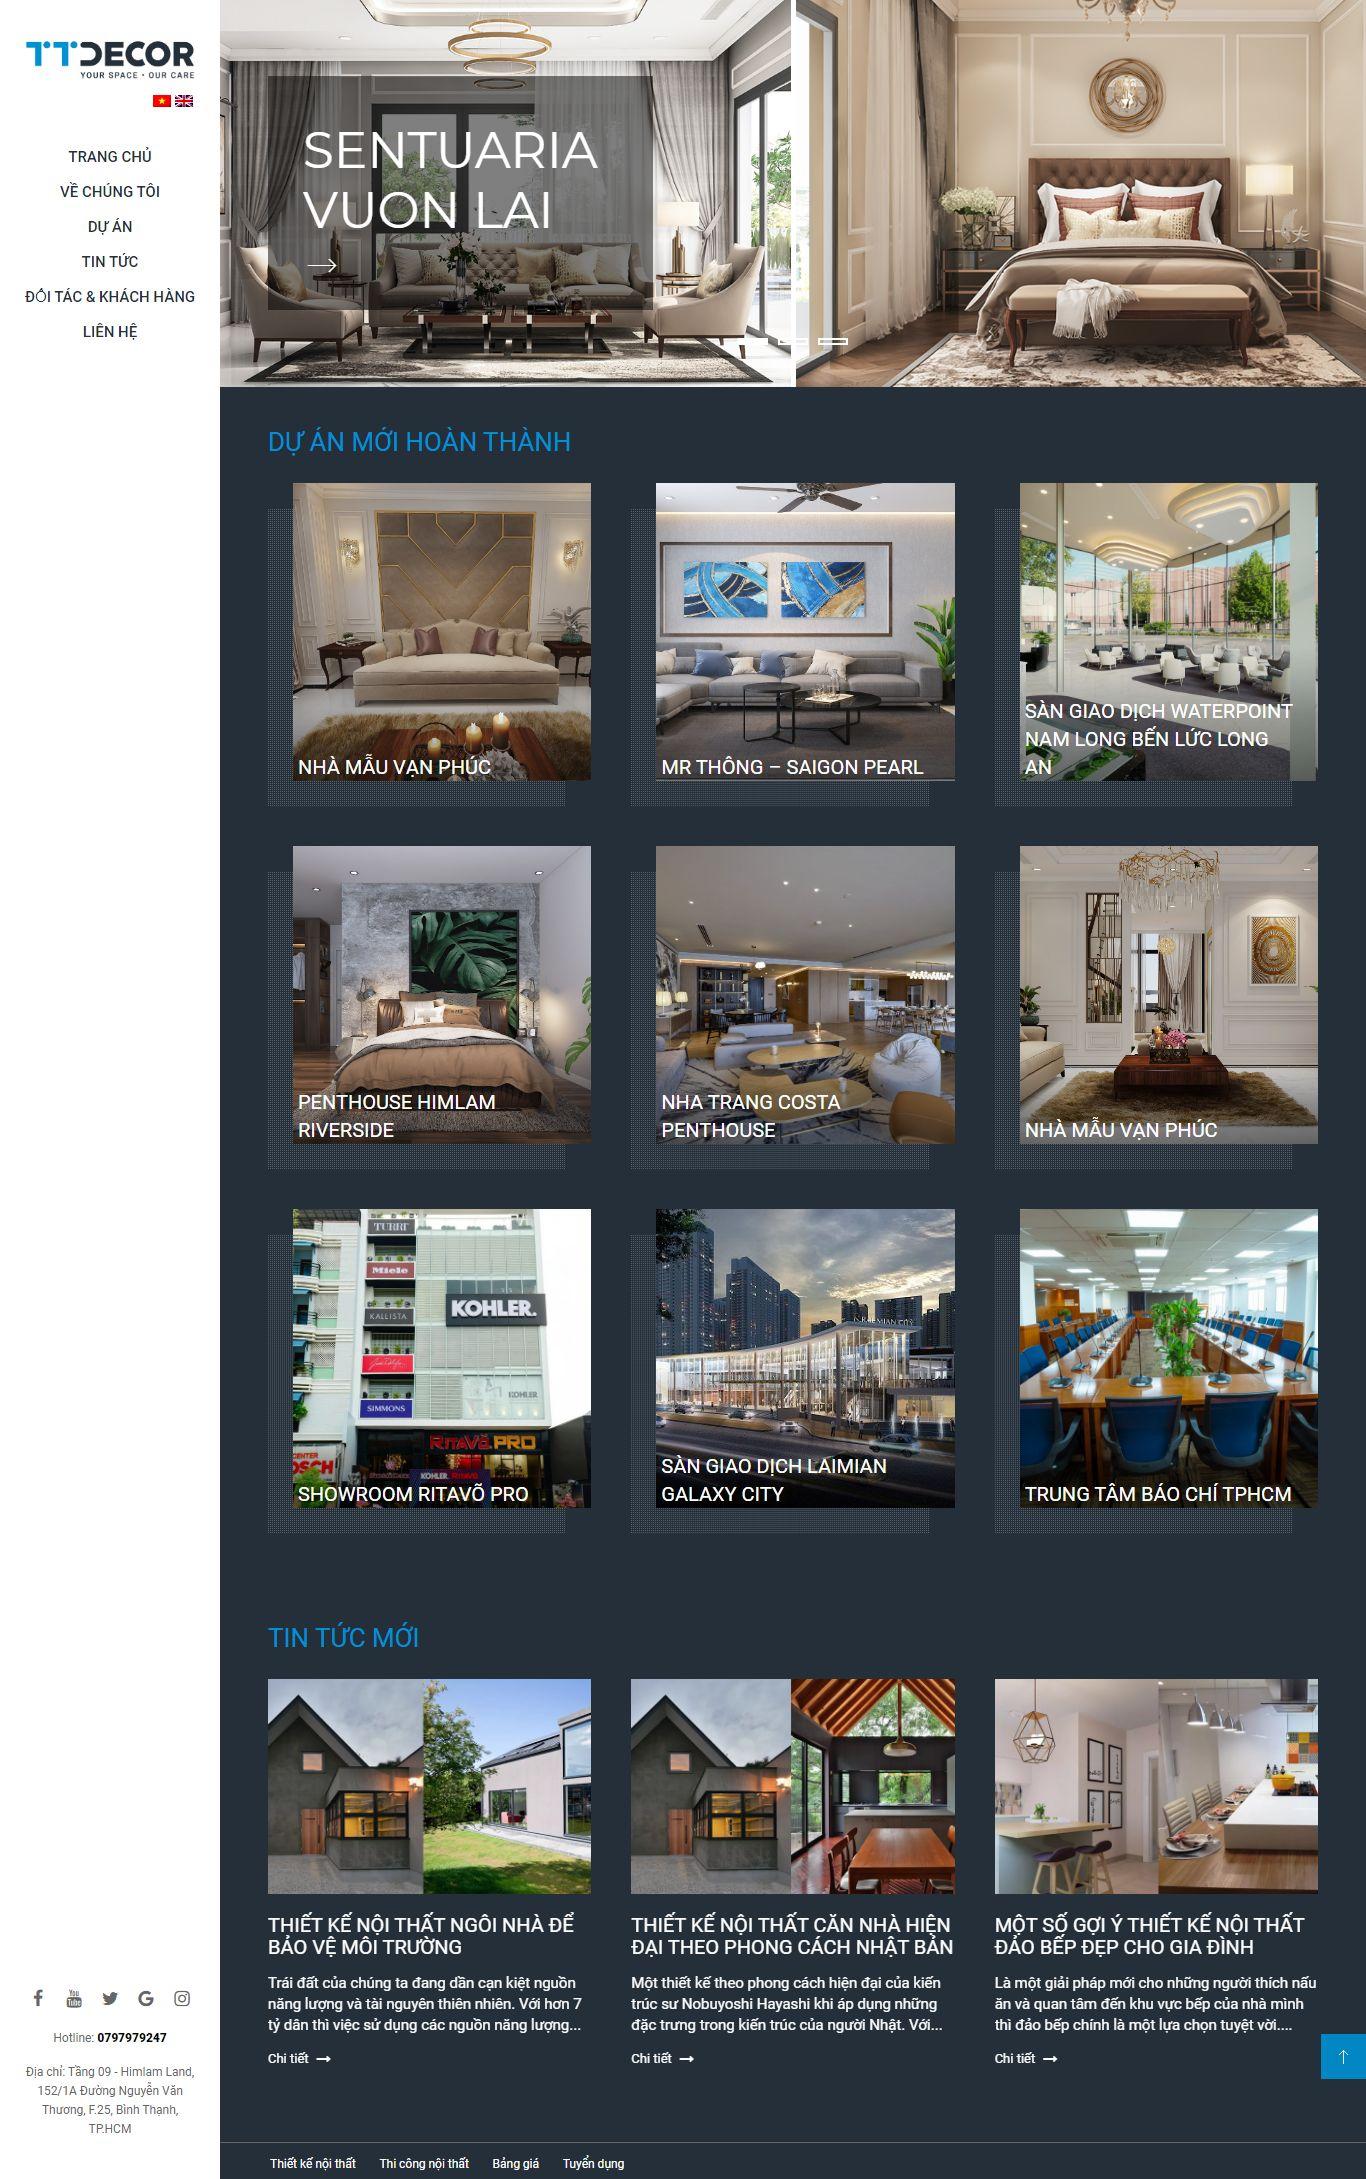 Thiết kế Web công ty nội thất - www.ttdecor.net